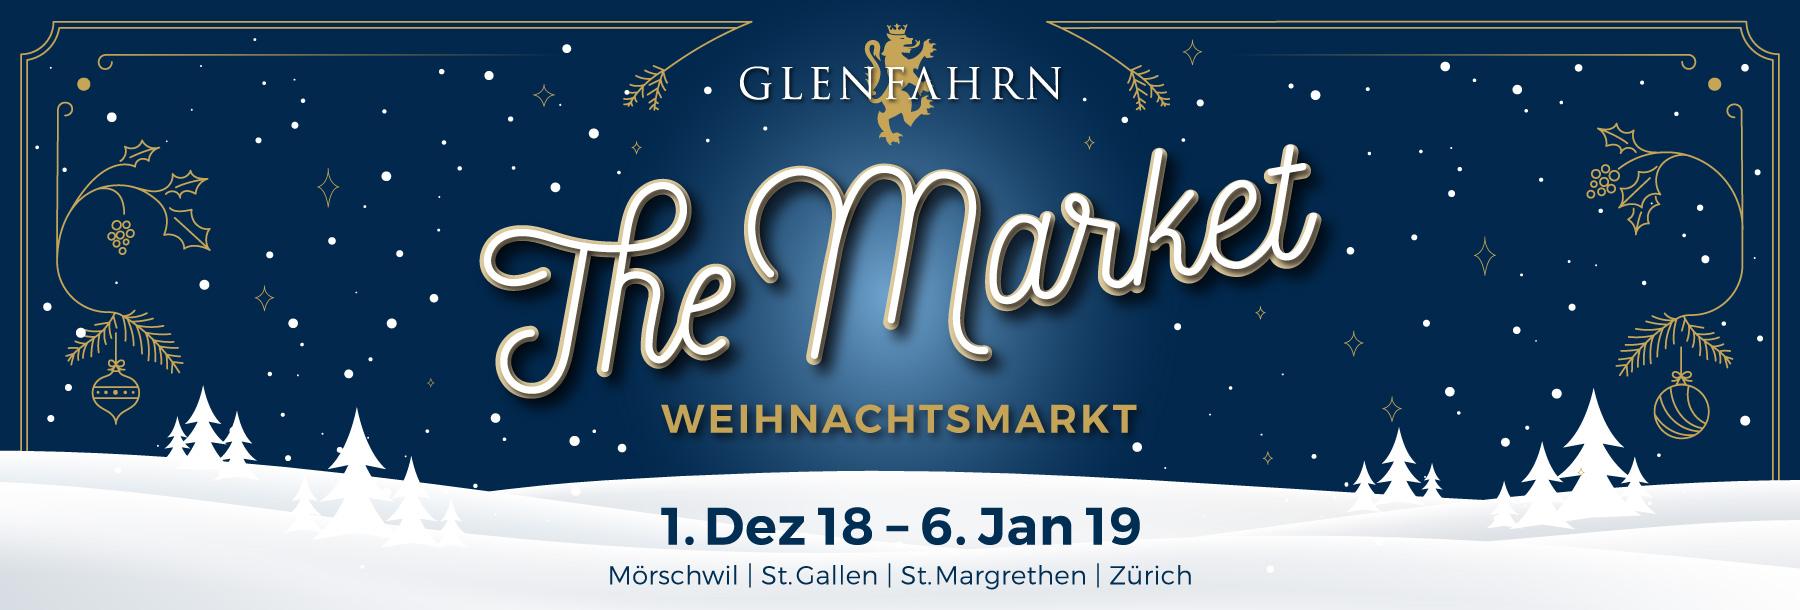 Glen Fahrn the market XMAS Weihnachten